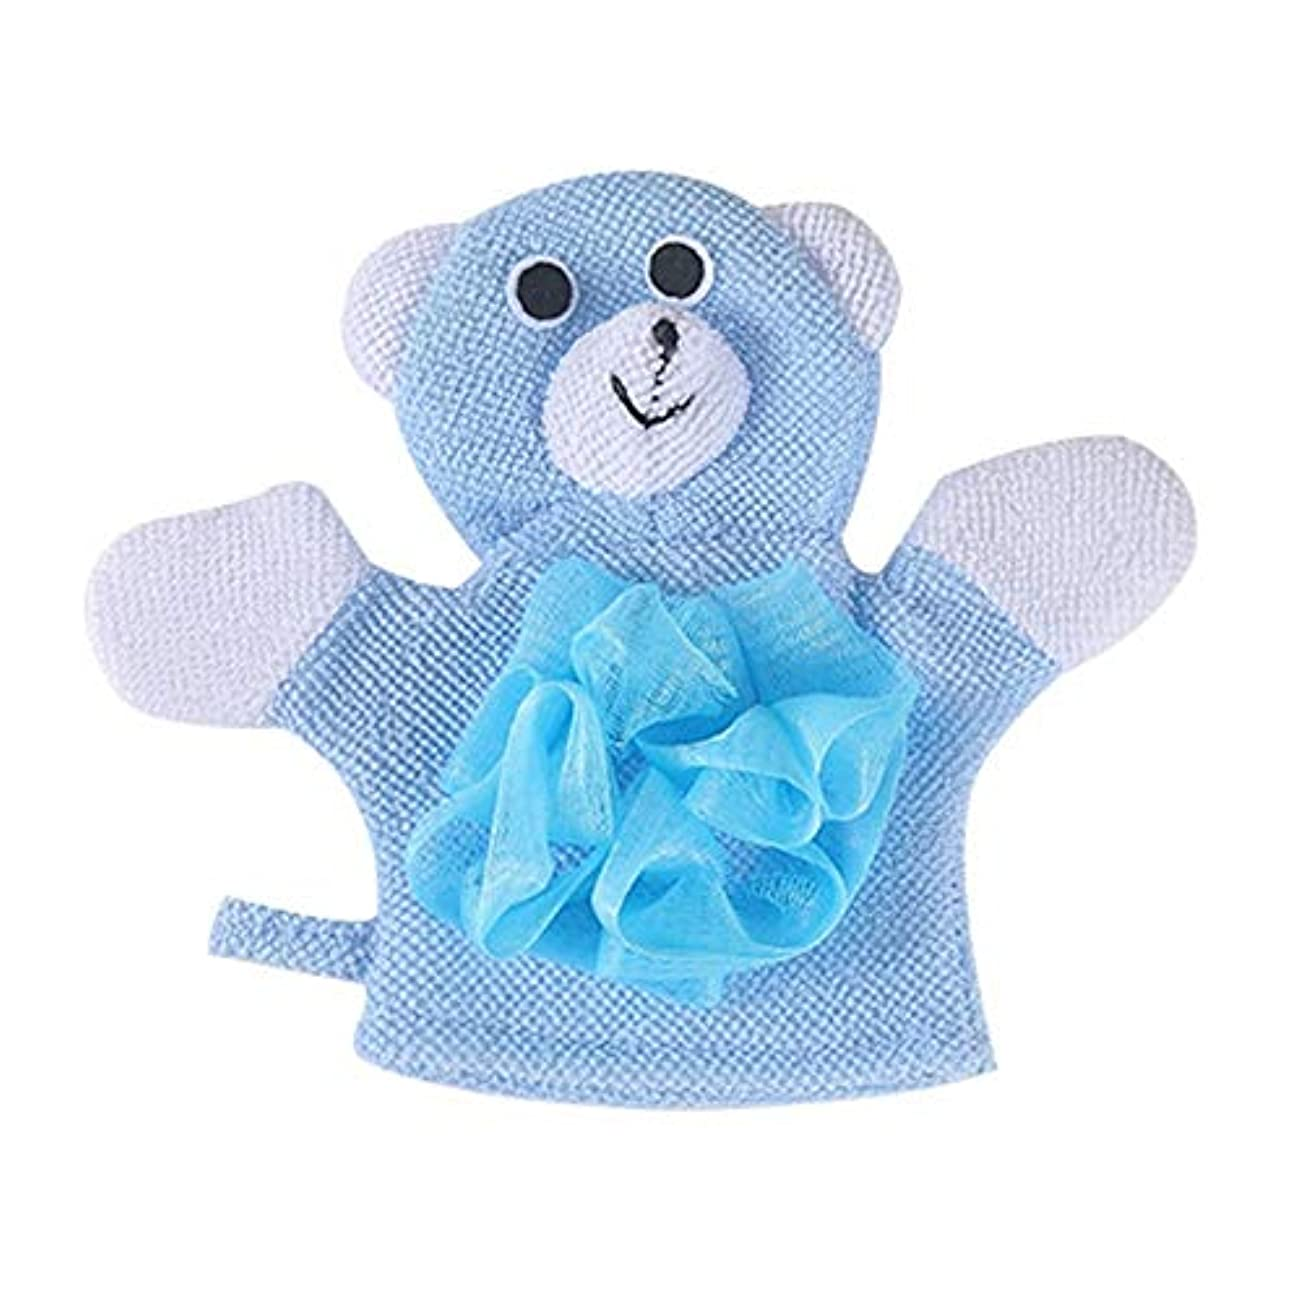 役に立たない国インチBTXXYJP お風呂用手袋 あかすり シャワー手袋 ボディブラシ やわらか バス用品 ボディタオル 角質除去 (Color : Blue)